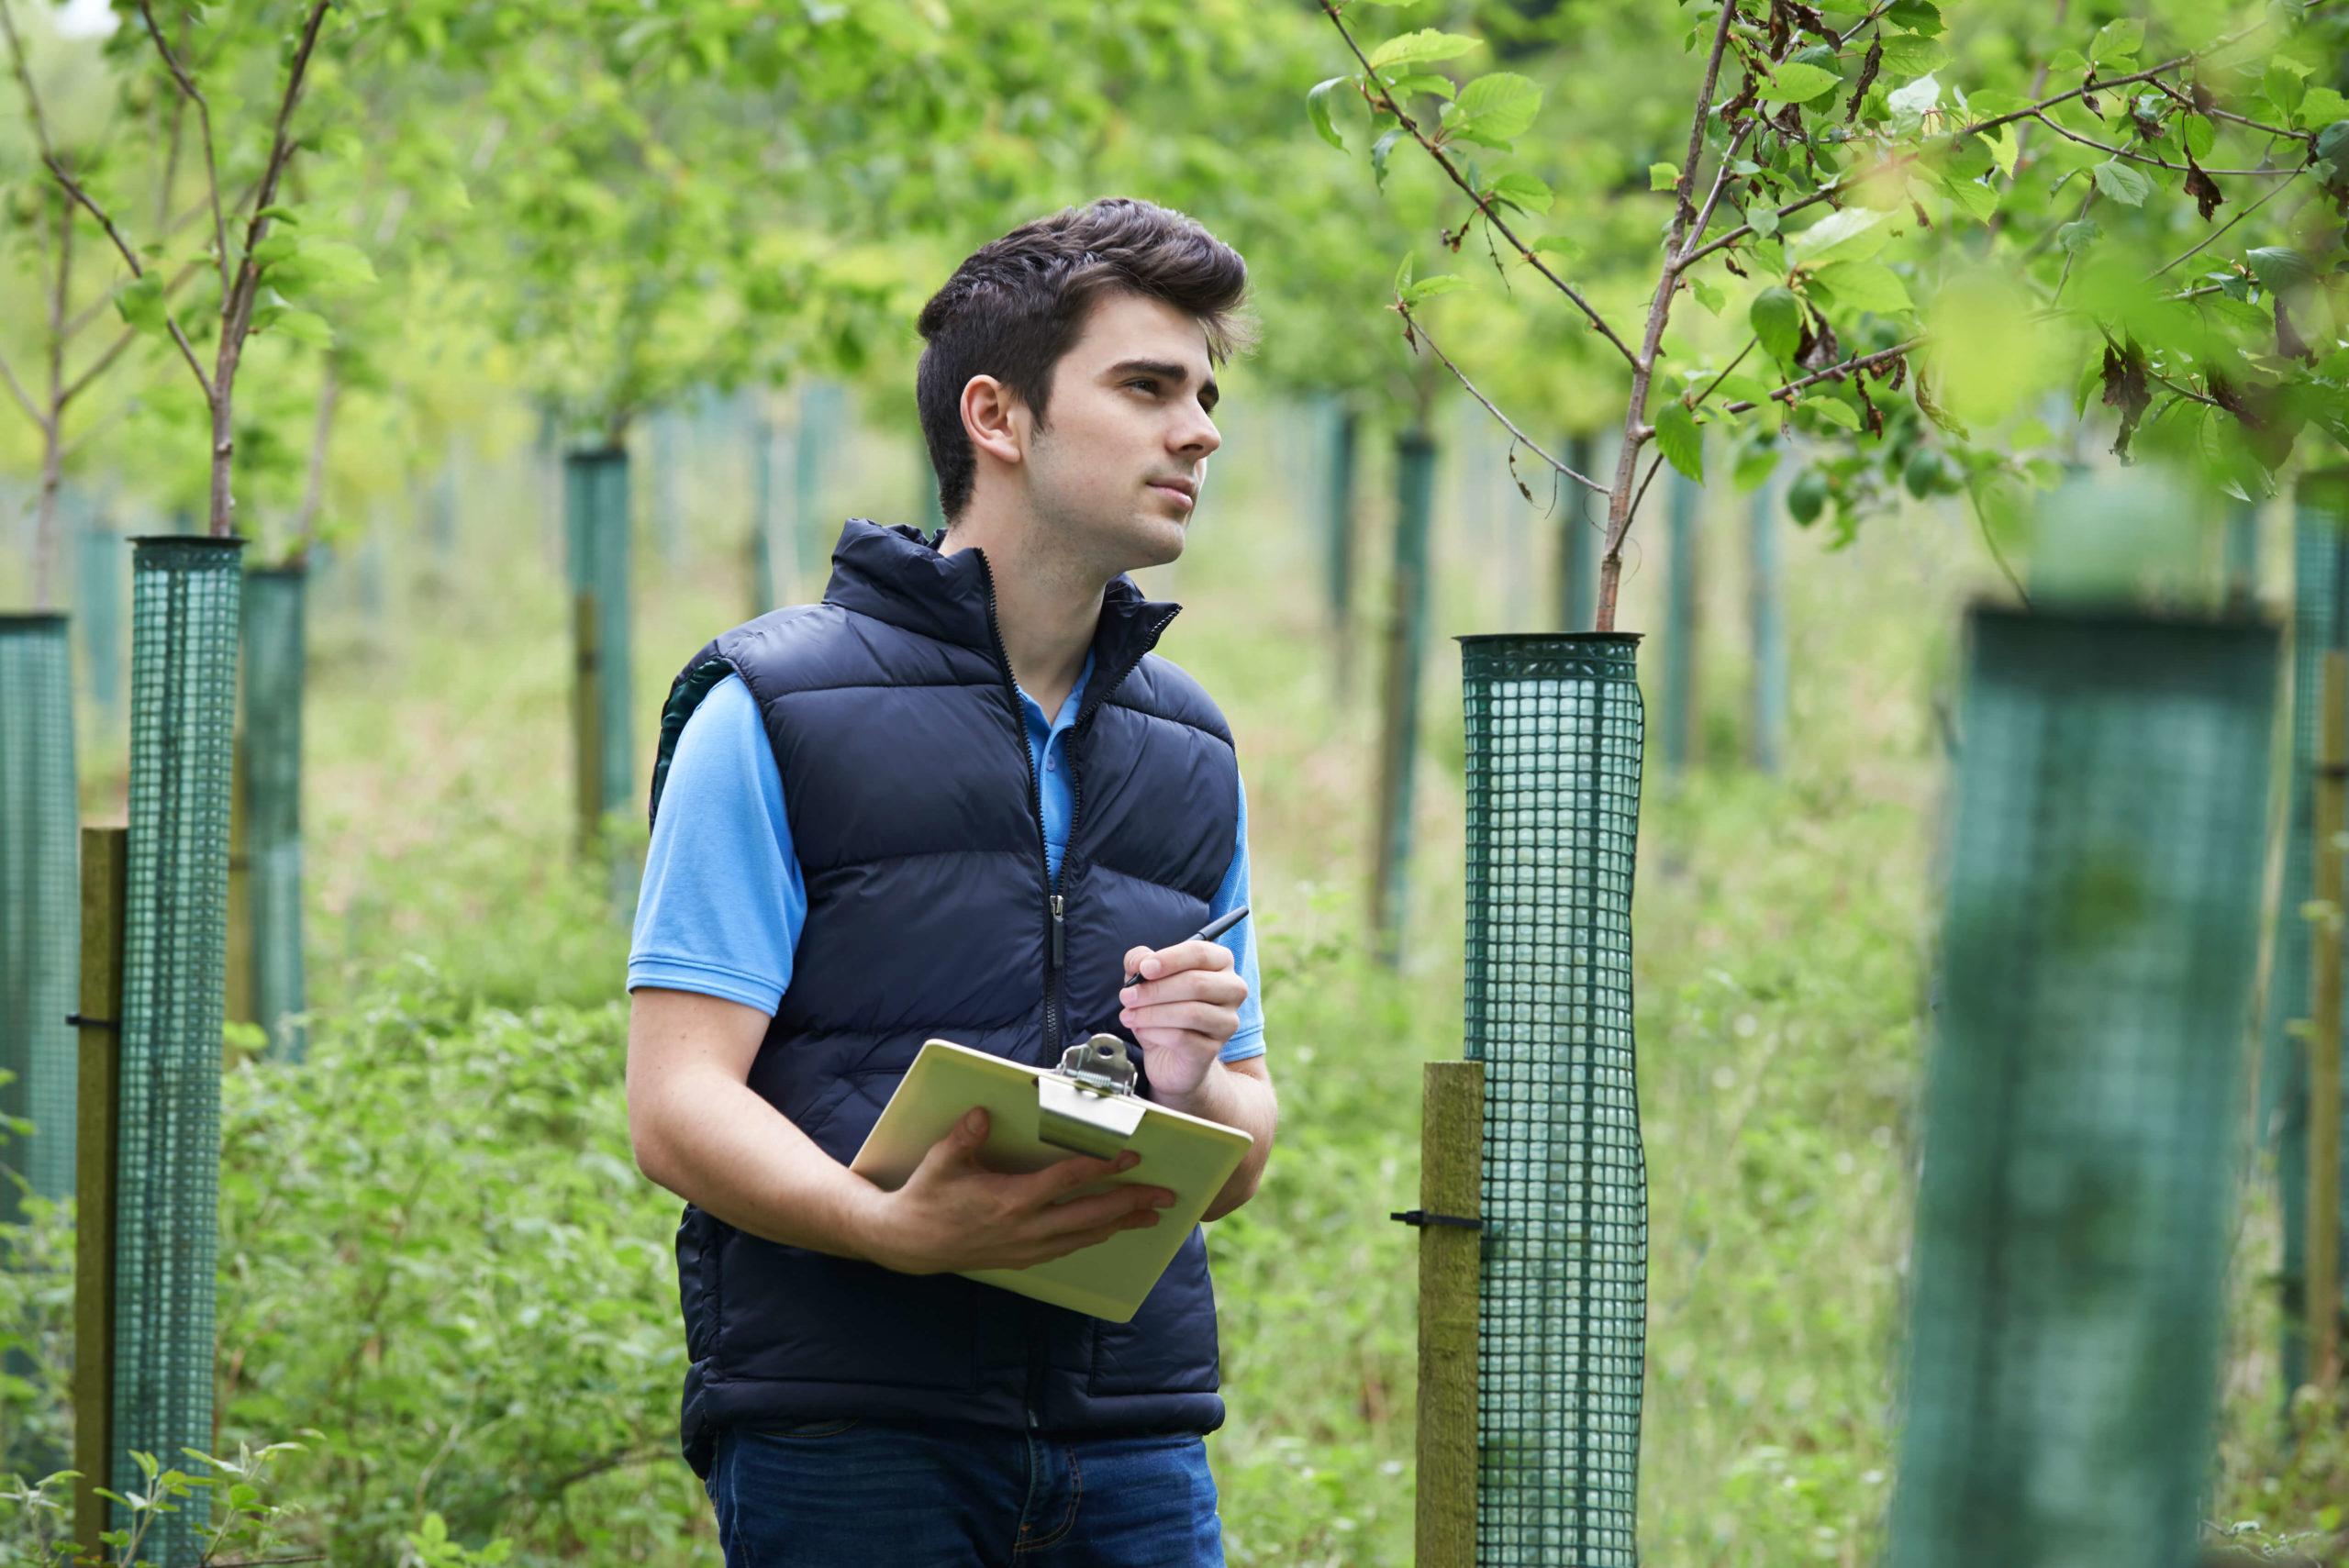 arborist career